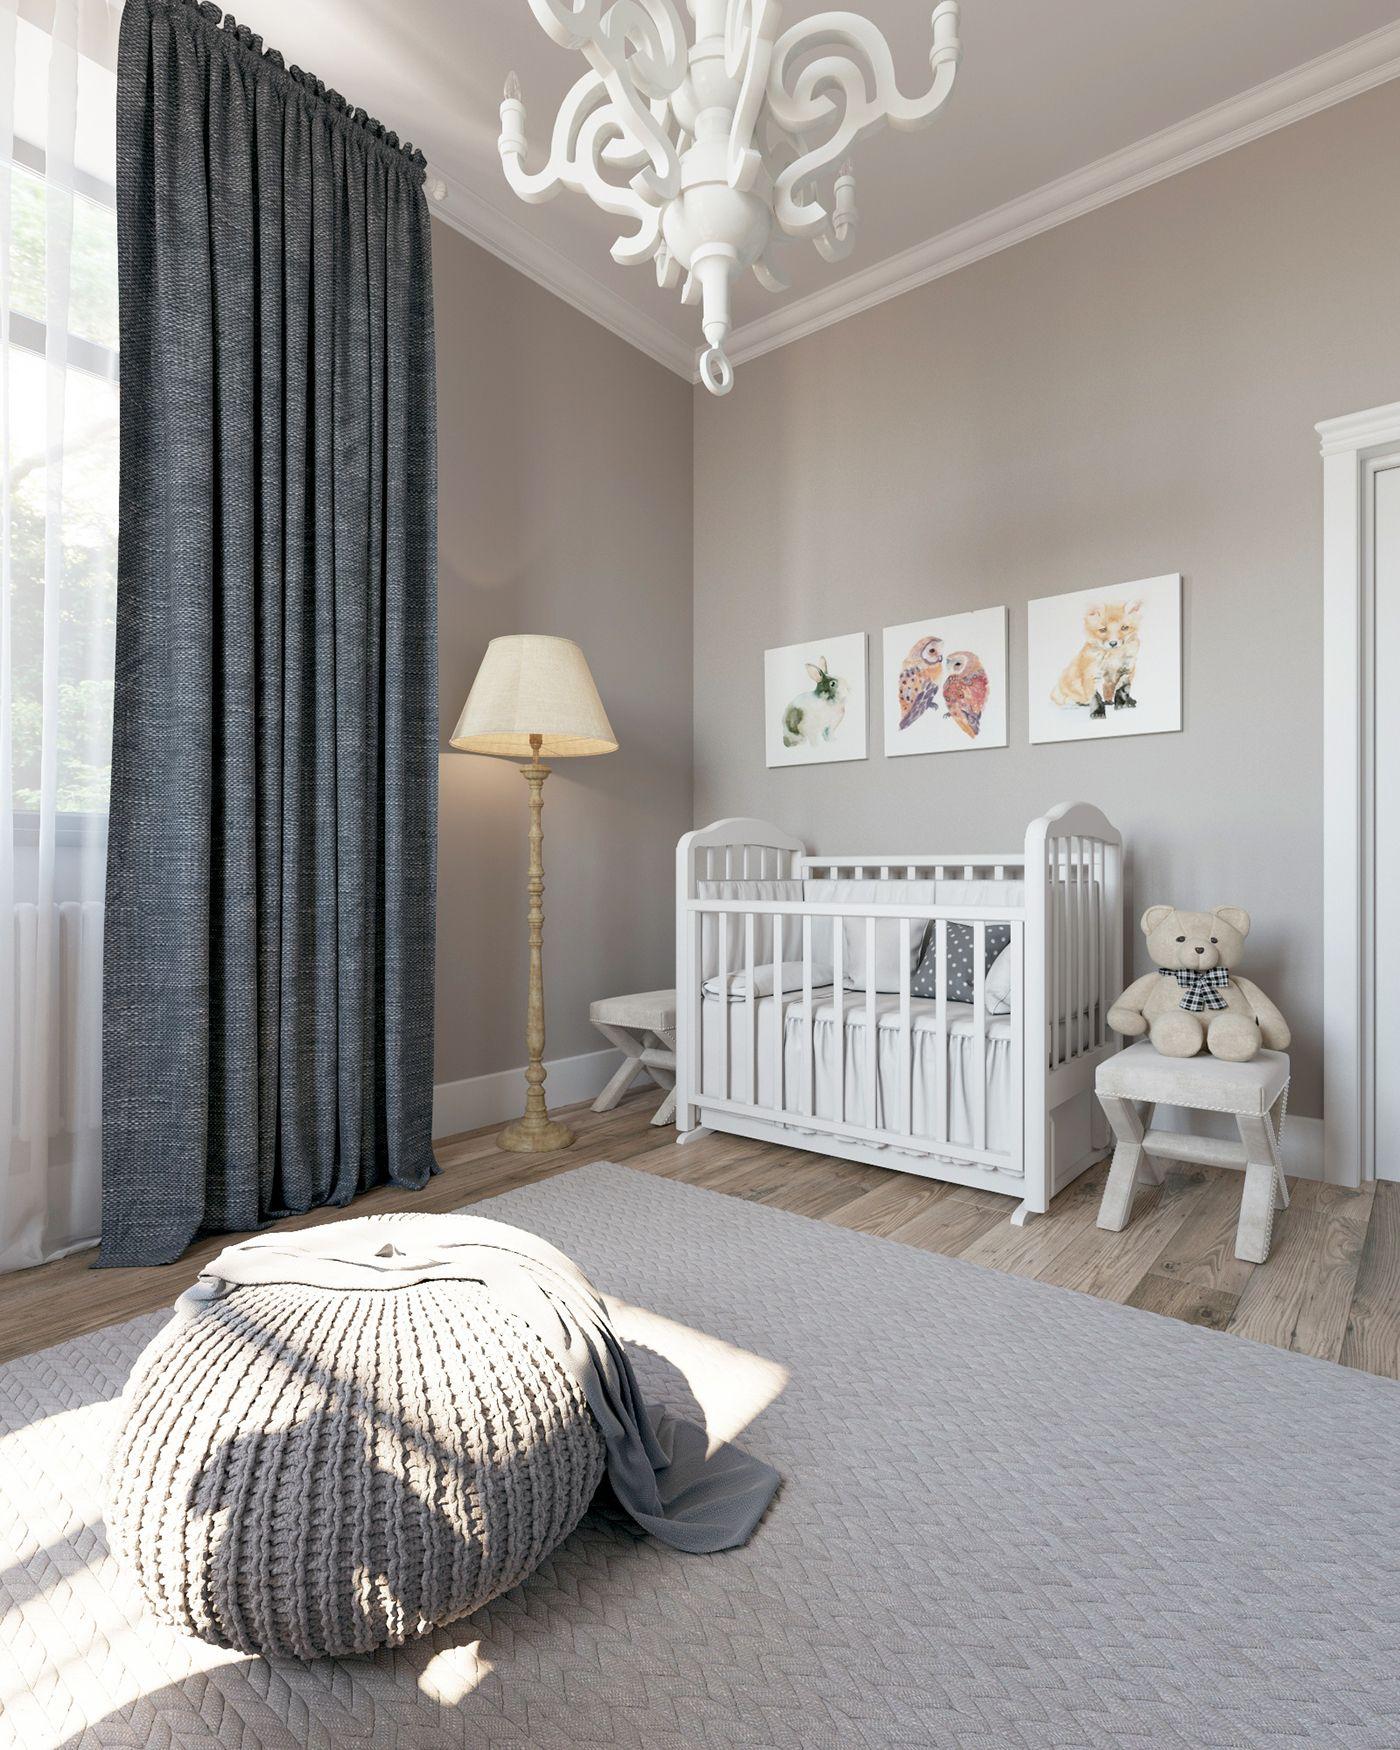 Grey Nursery on Behance Детская комната в сером цвете